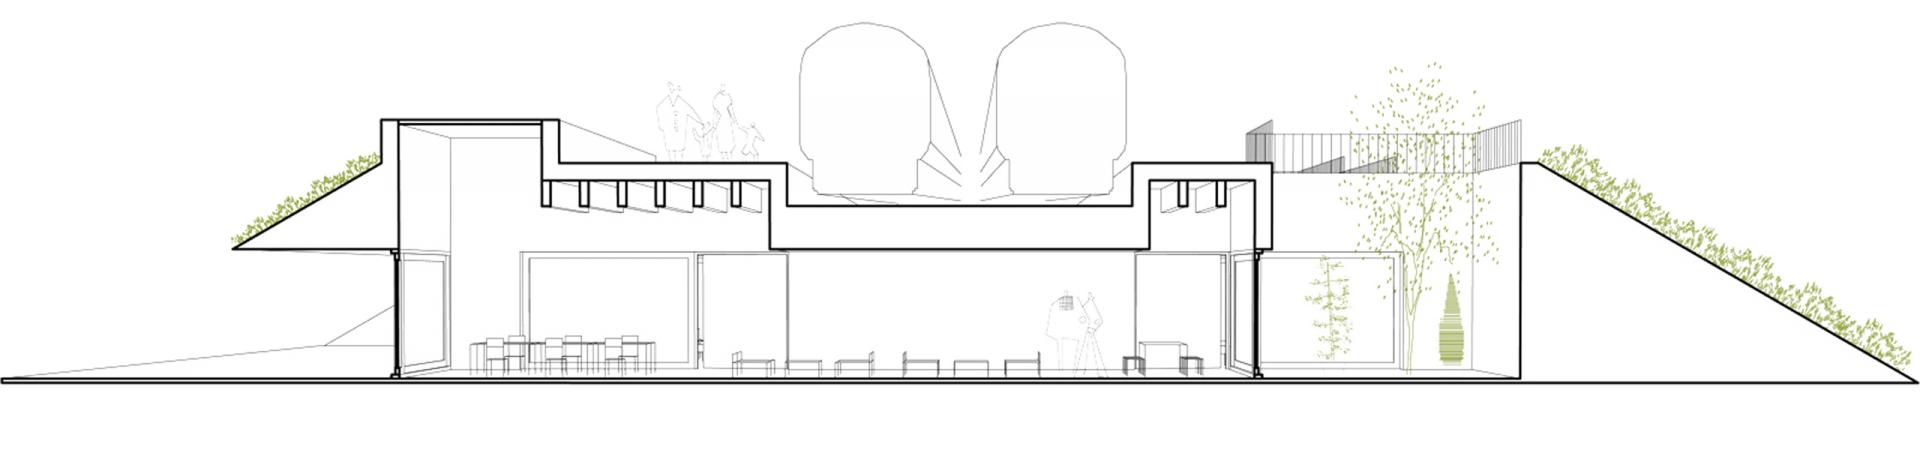 Oostvaarders Section 7